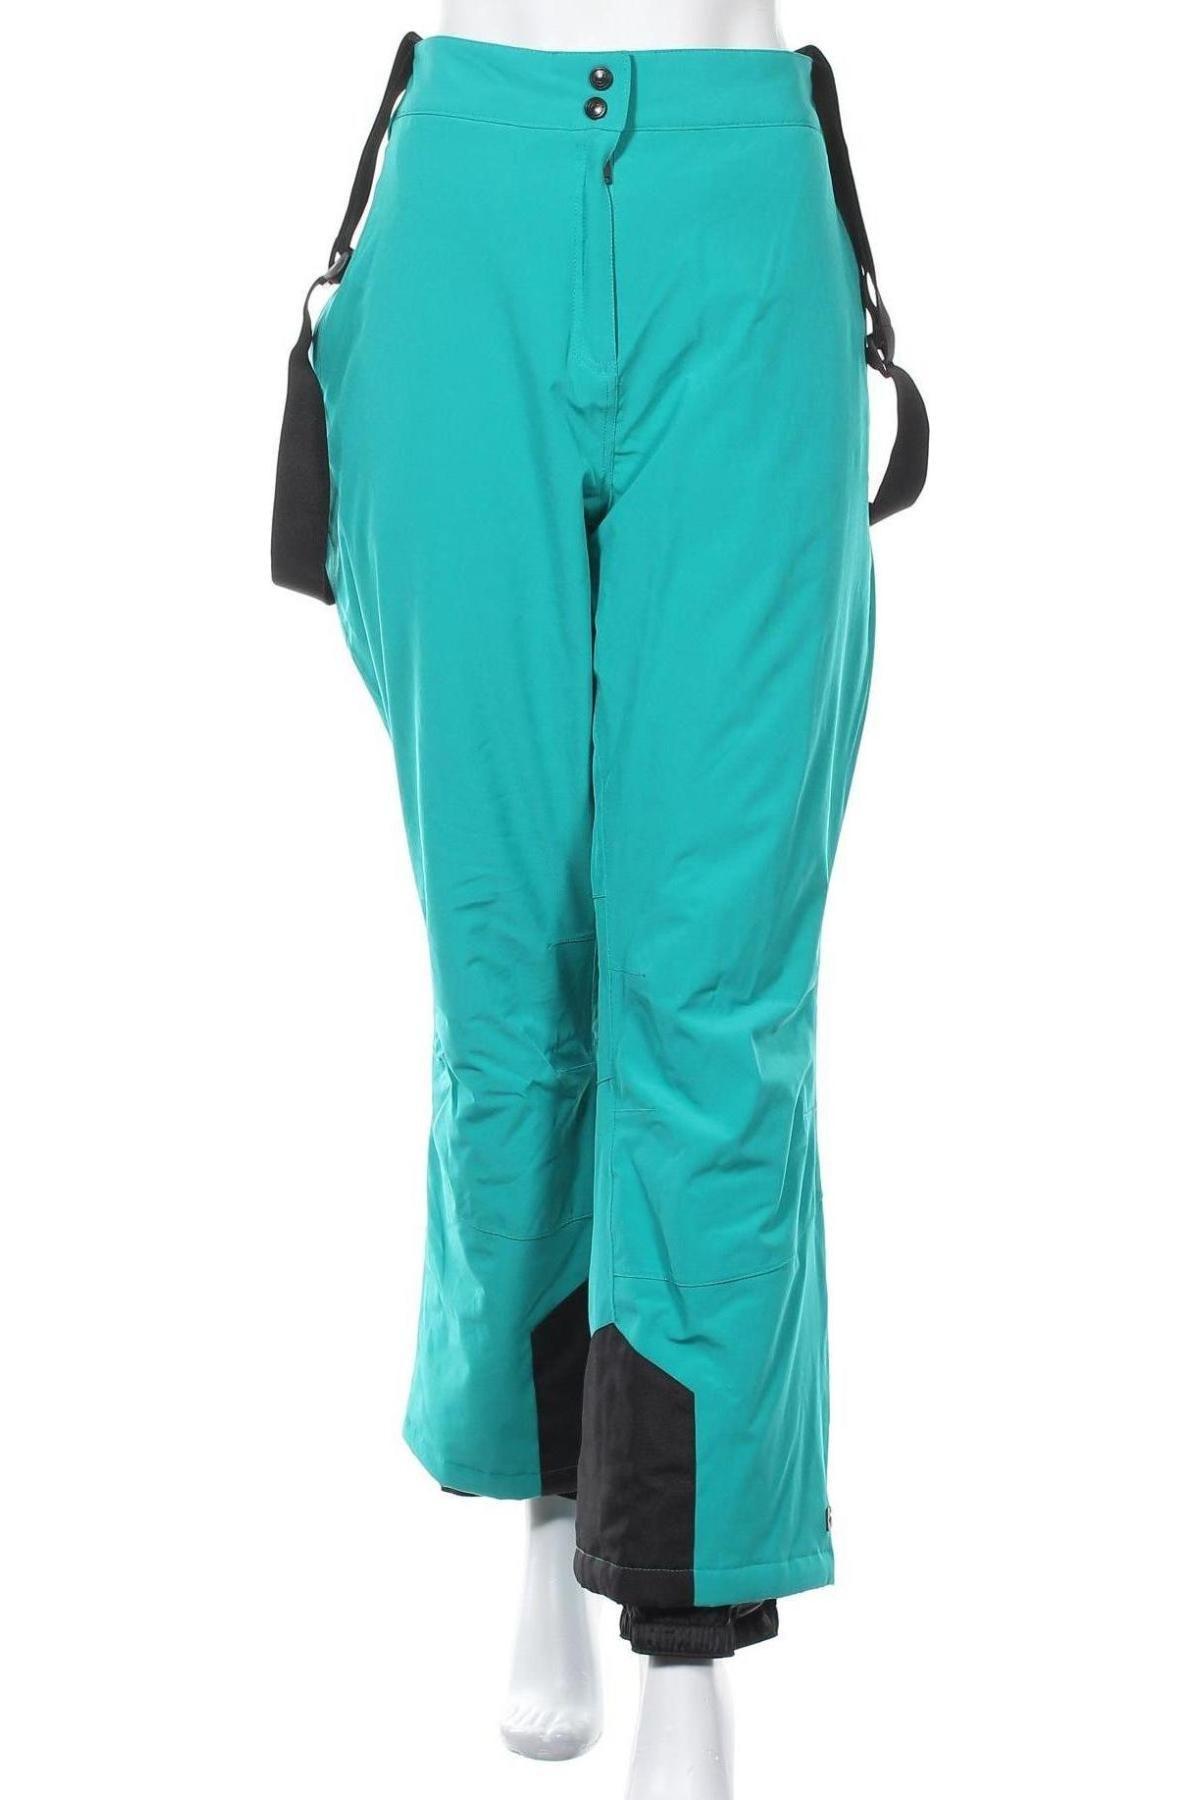 Дамски панталон за зимни спортове Killtec, Размер XXL, Цвят Зелен, Полиестер, Цена 114,00лв.